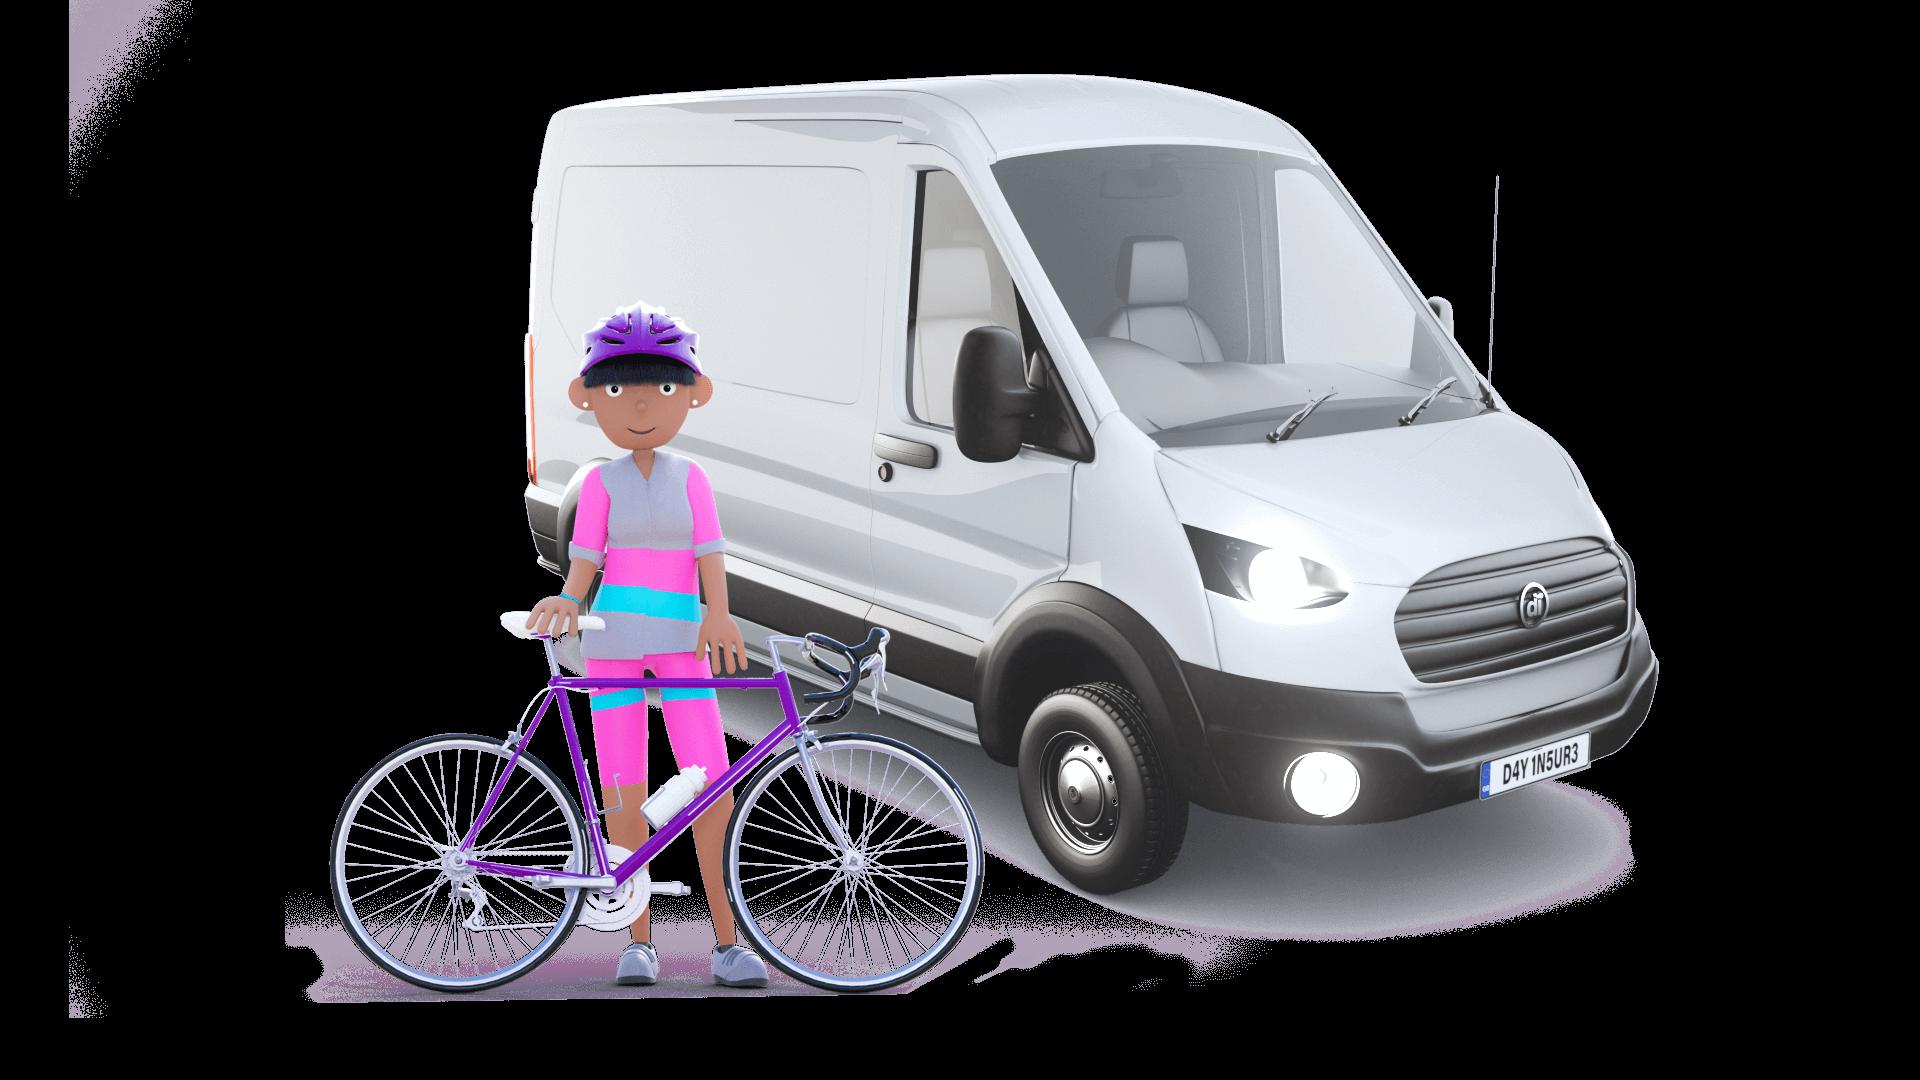 Dayinsure mum and White Van